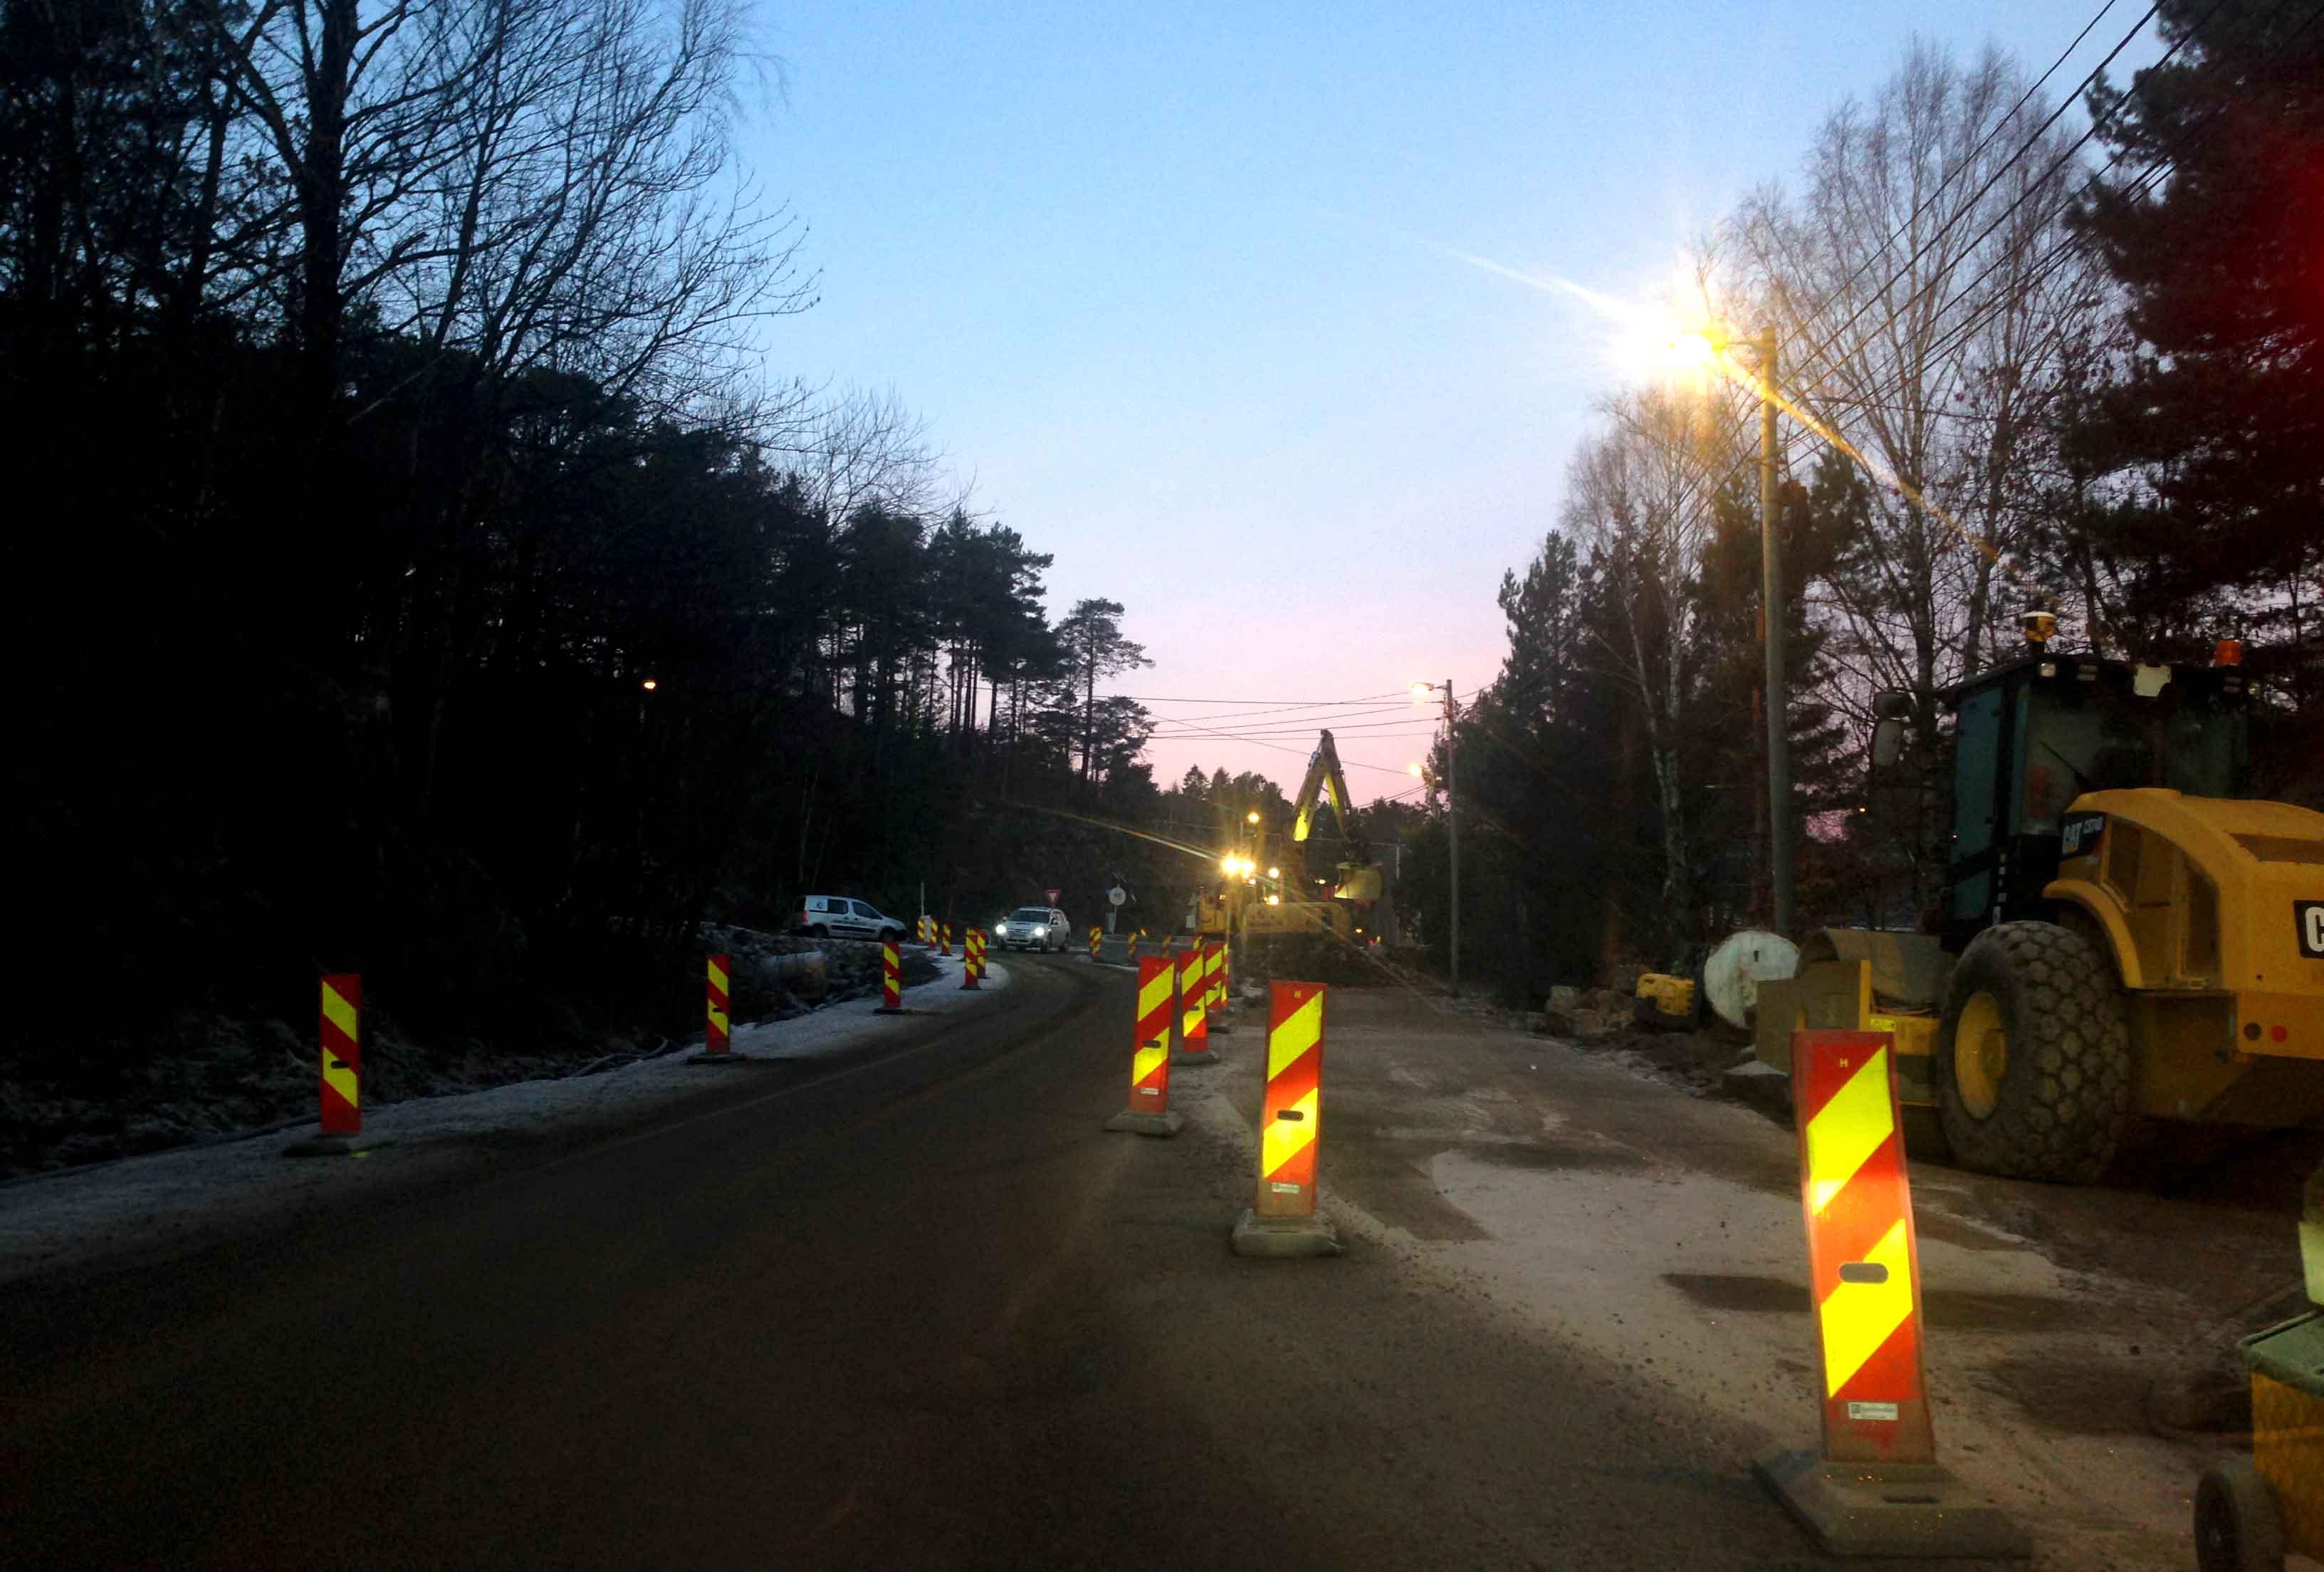 Denne Veien Blir Kvelds- Og Nattestengt